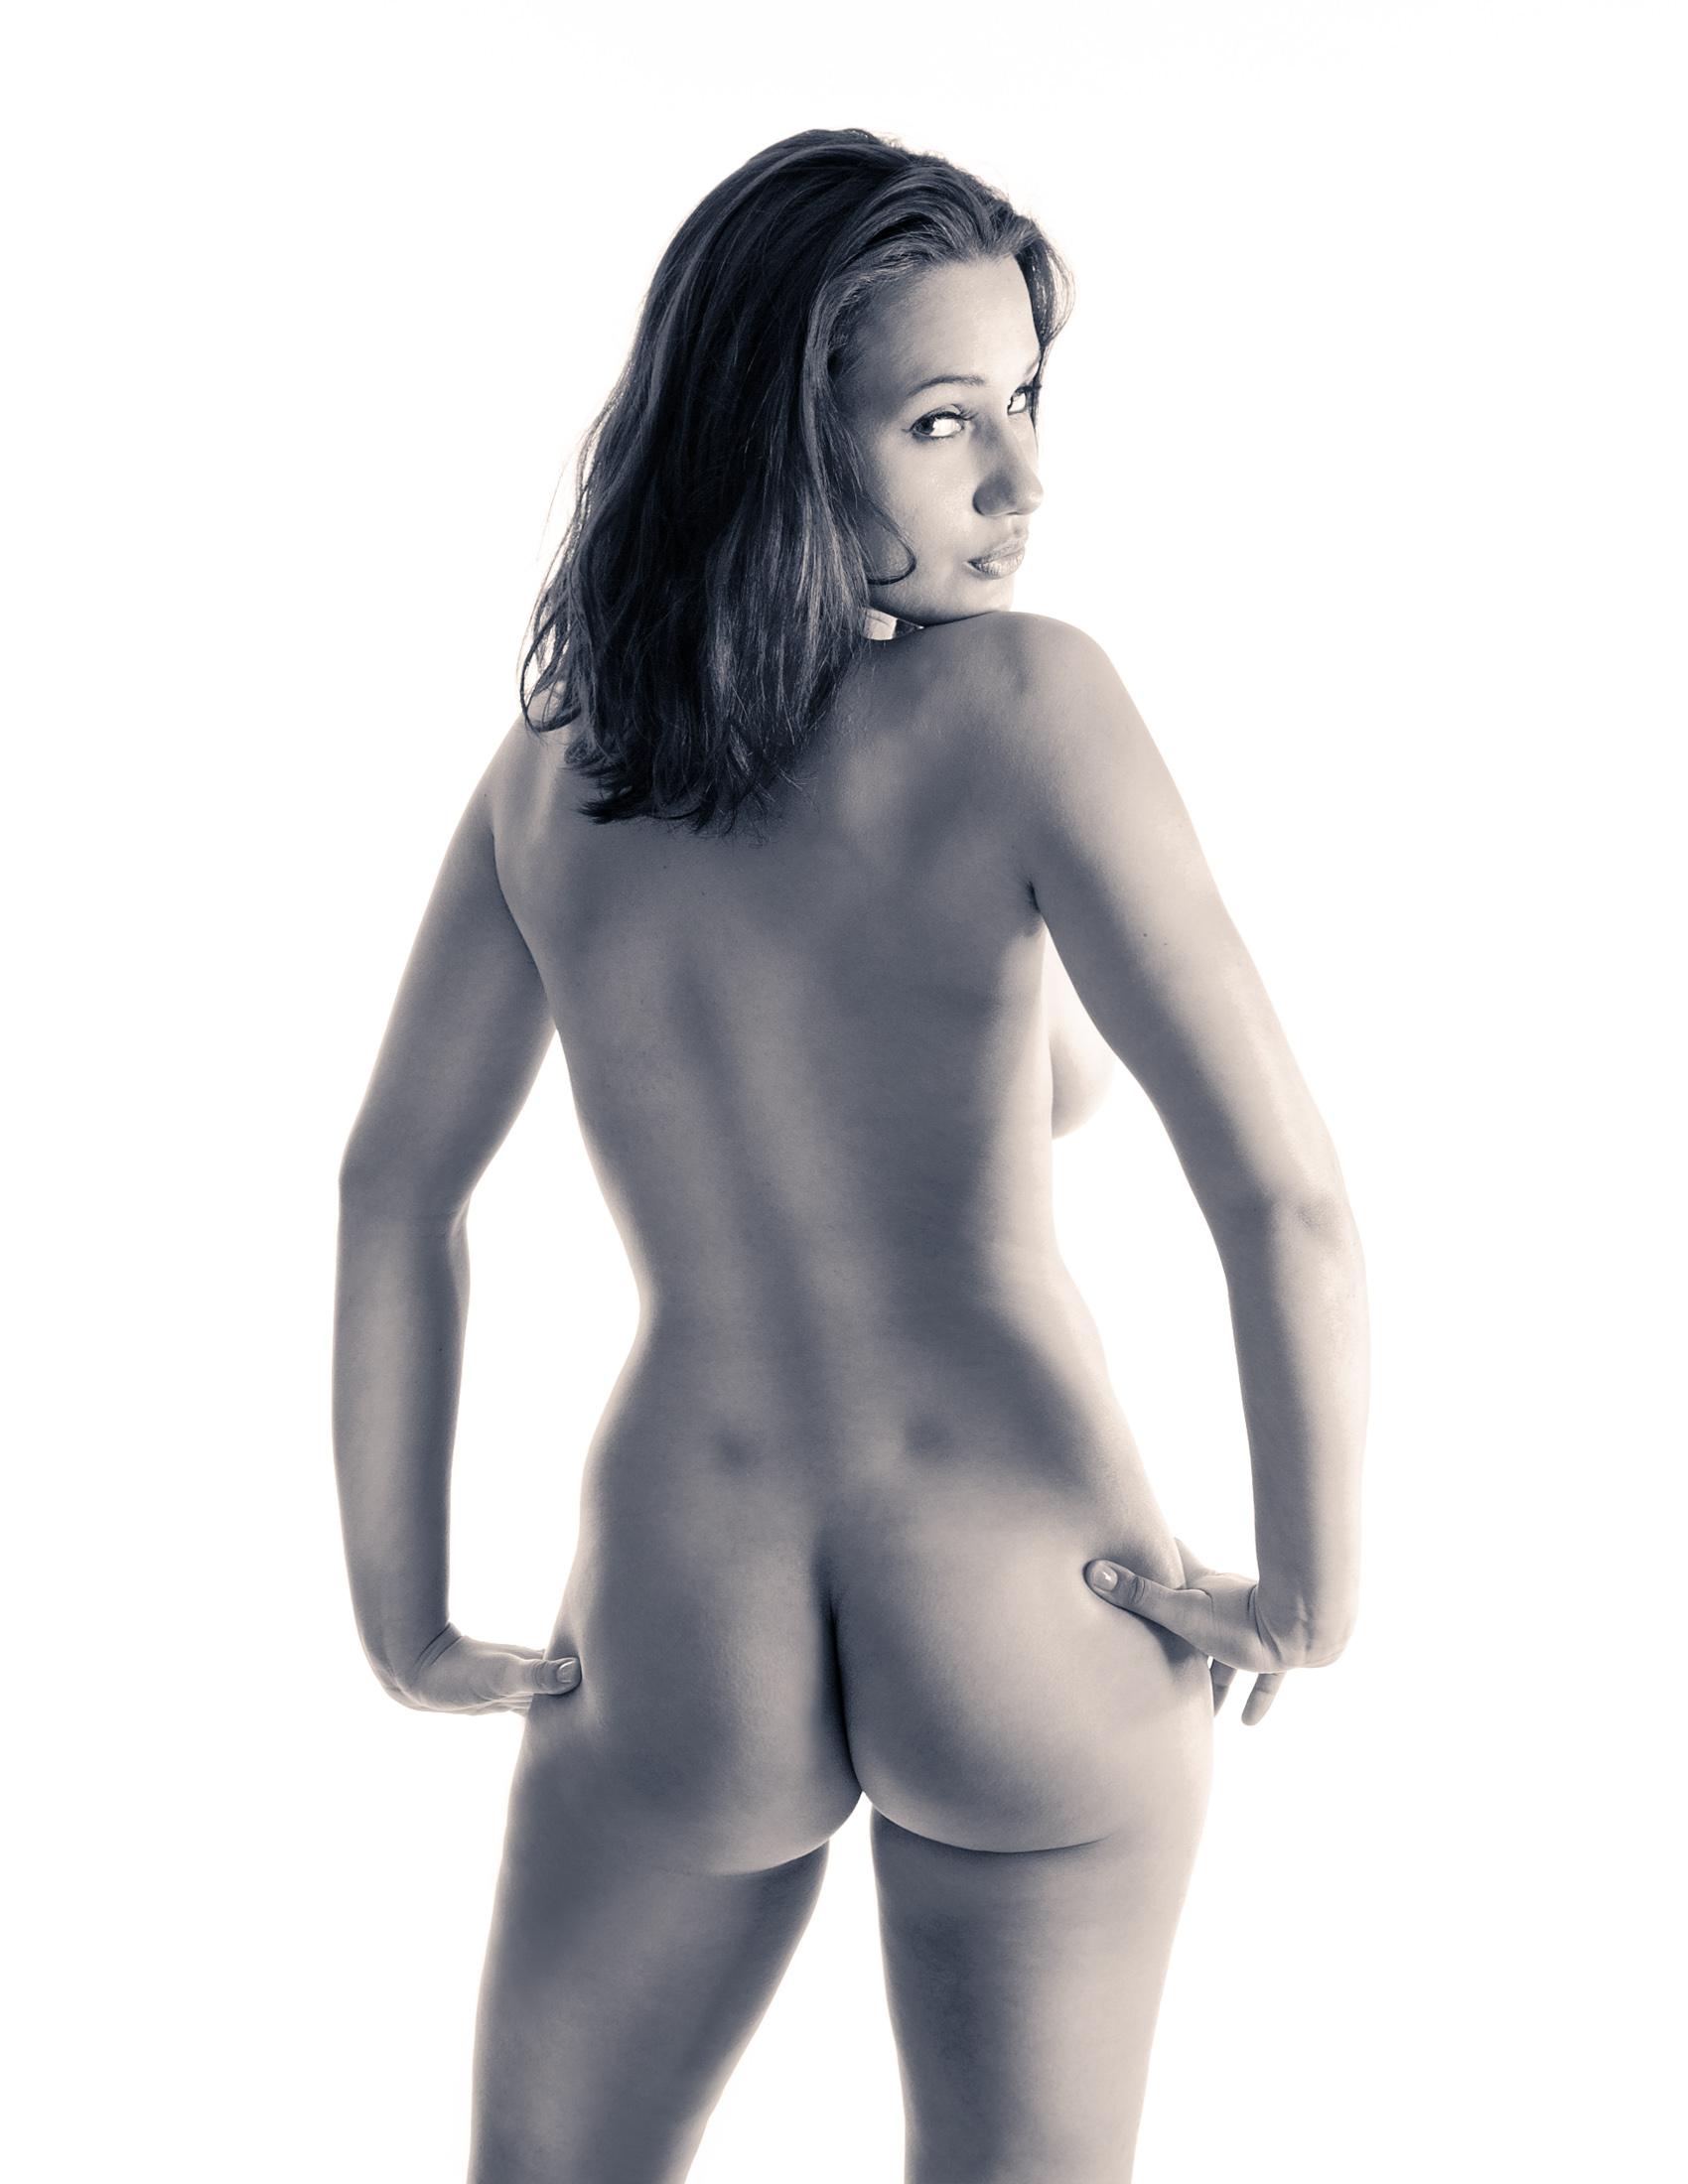 hotgirl erotic nude photography